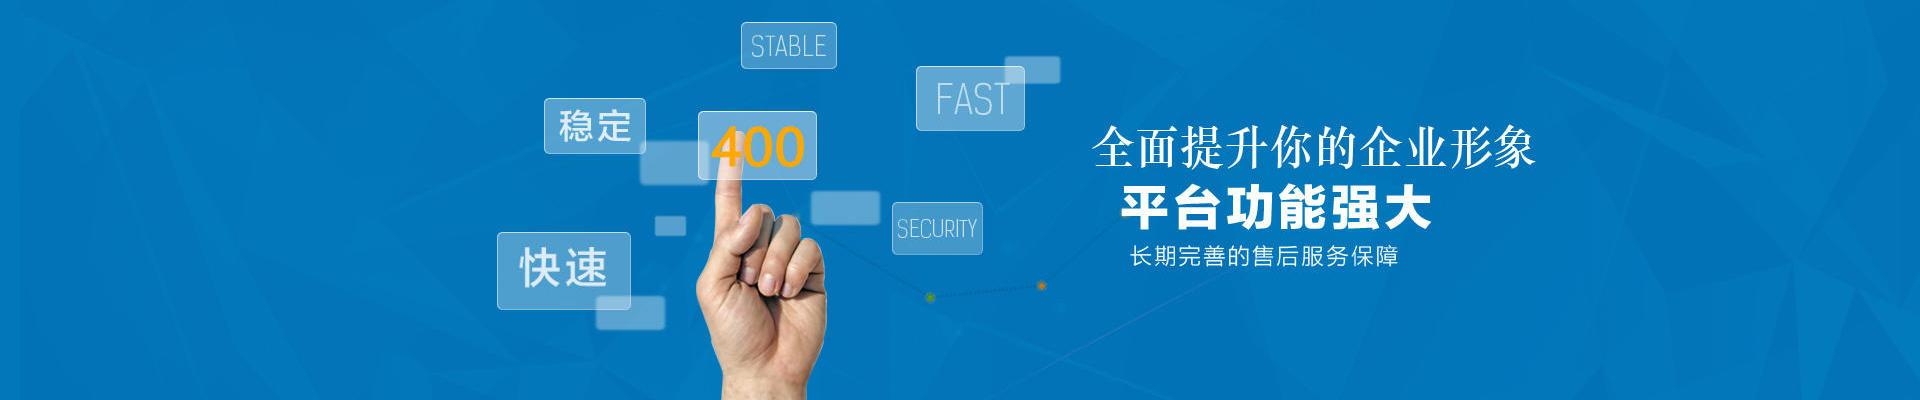 网站建设,上海网站建设